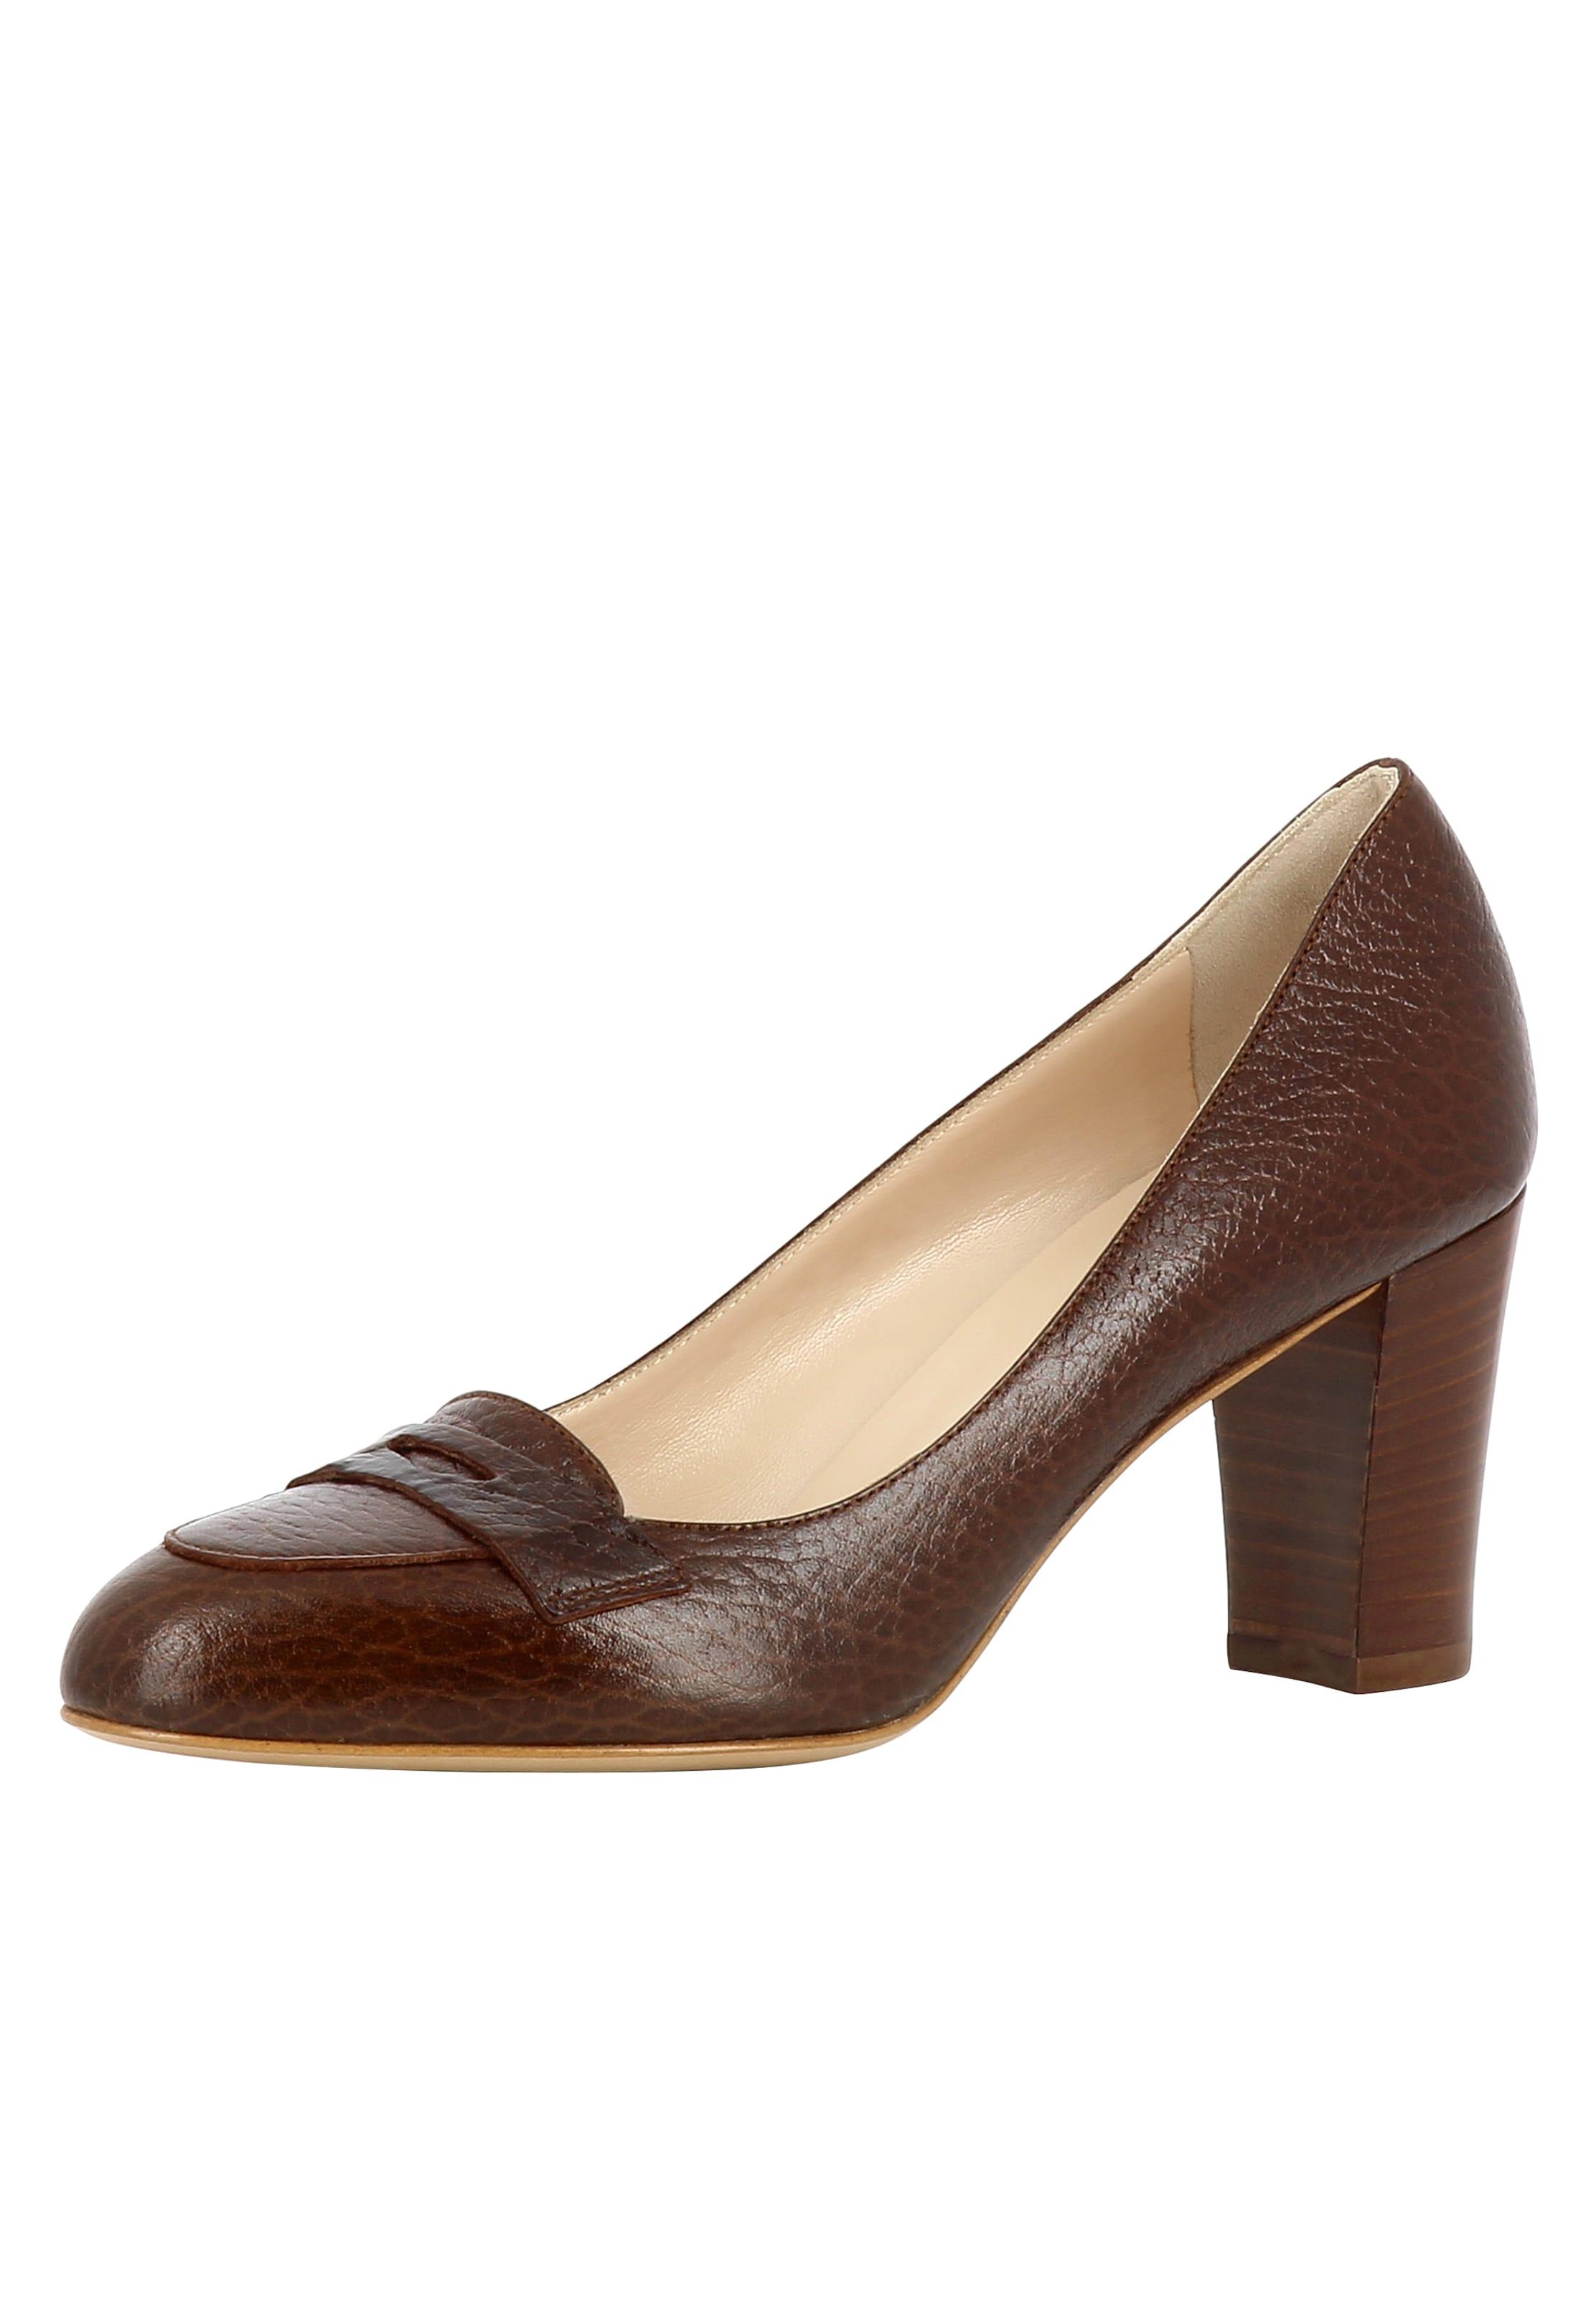 EVITA Damen Pumps Verschleißfeste BIANCA Verschleißfeste Pumps billige Schuhe 36c306